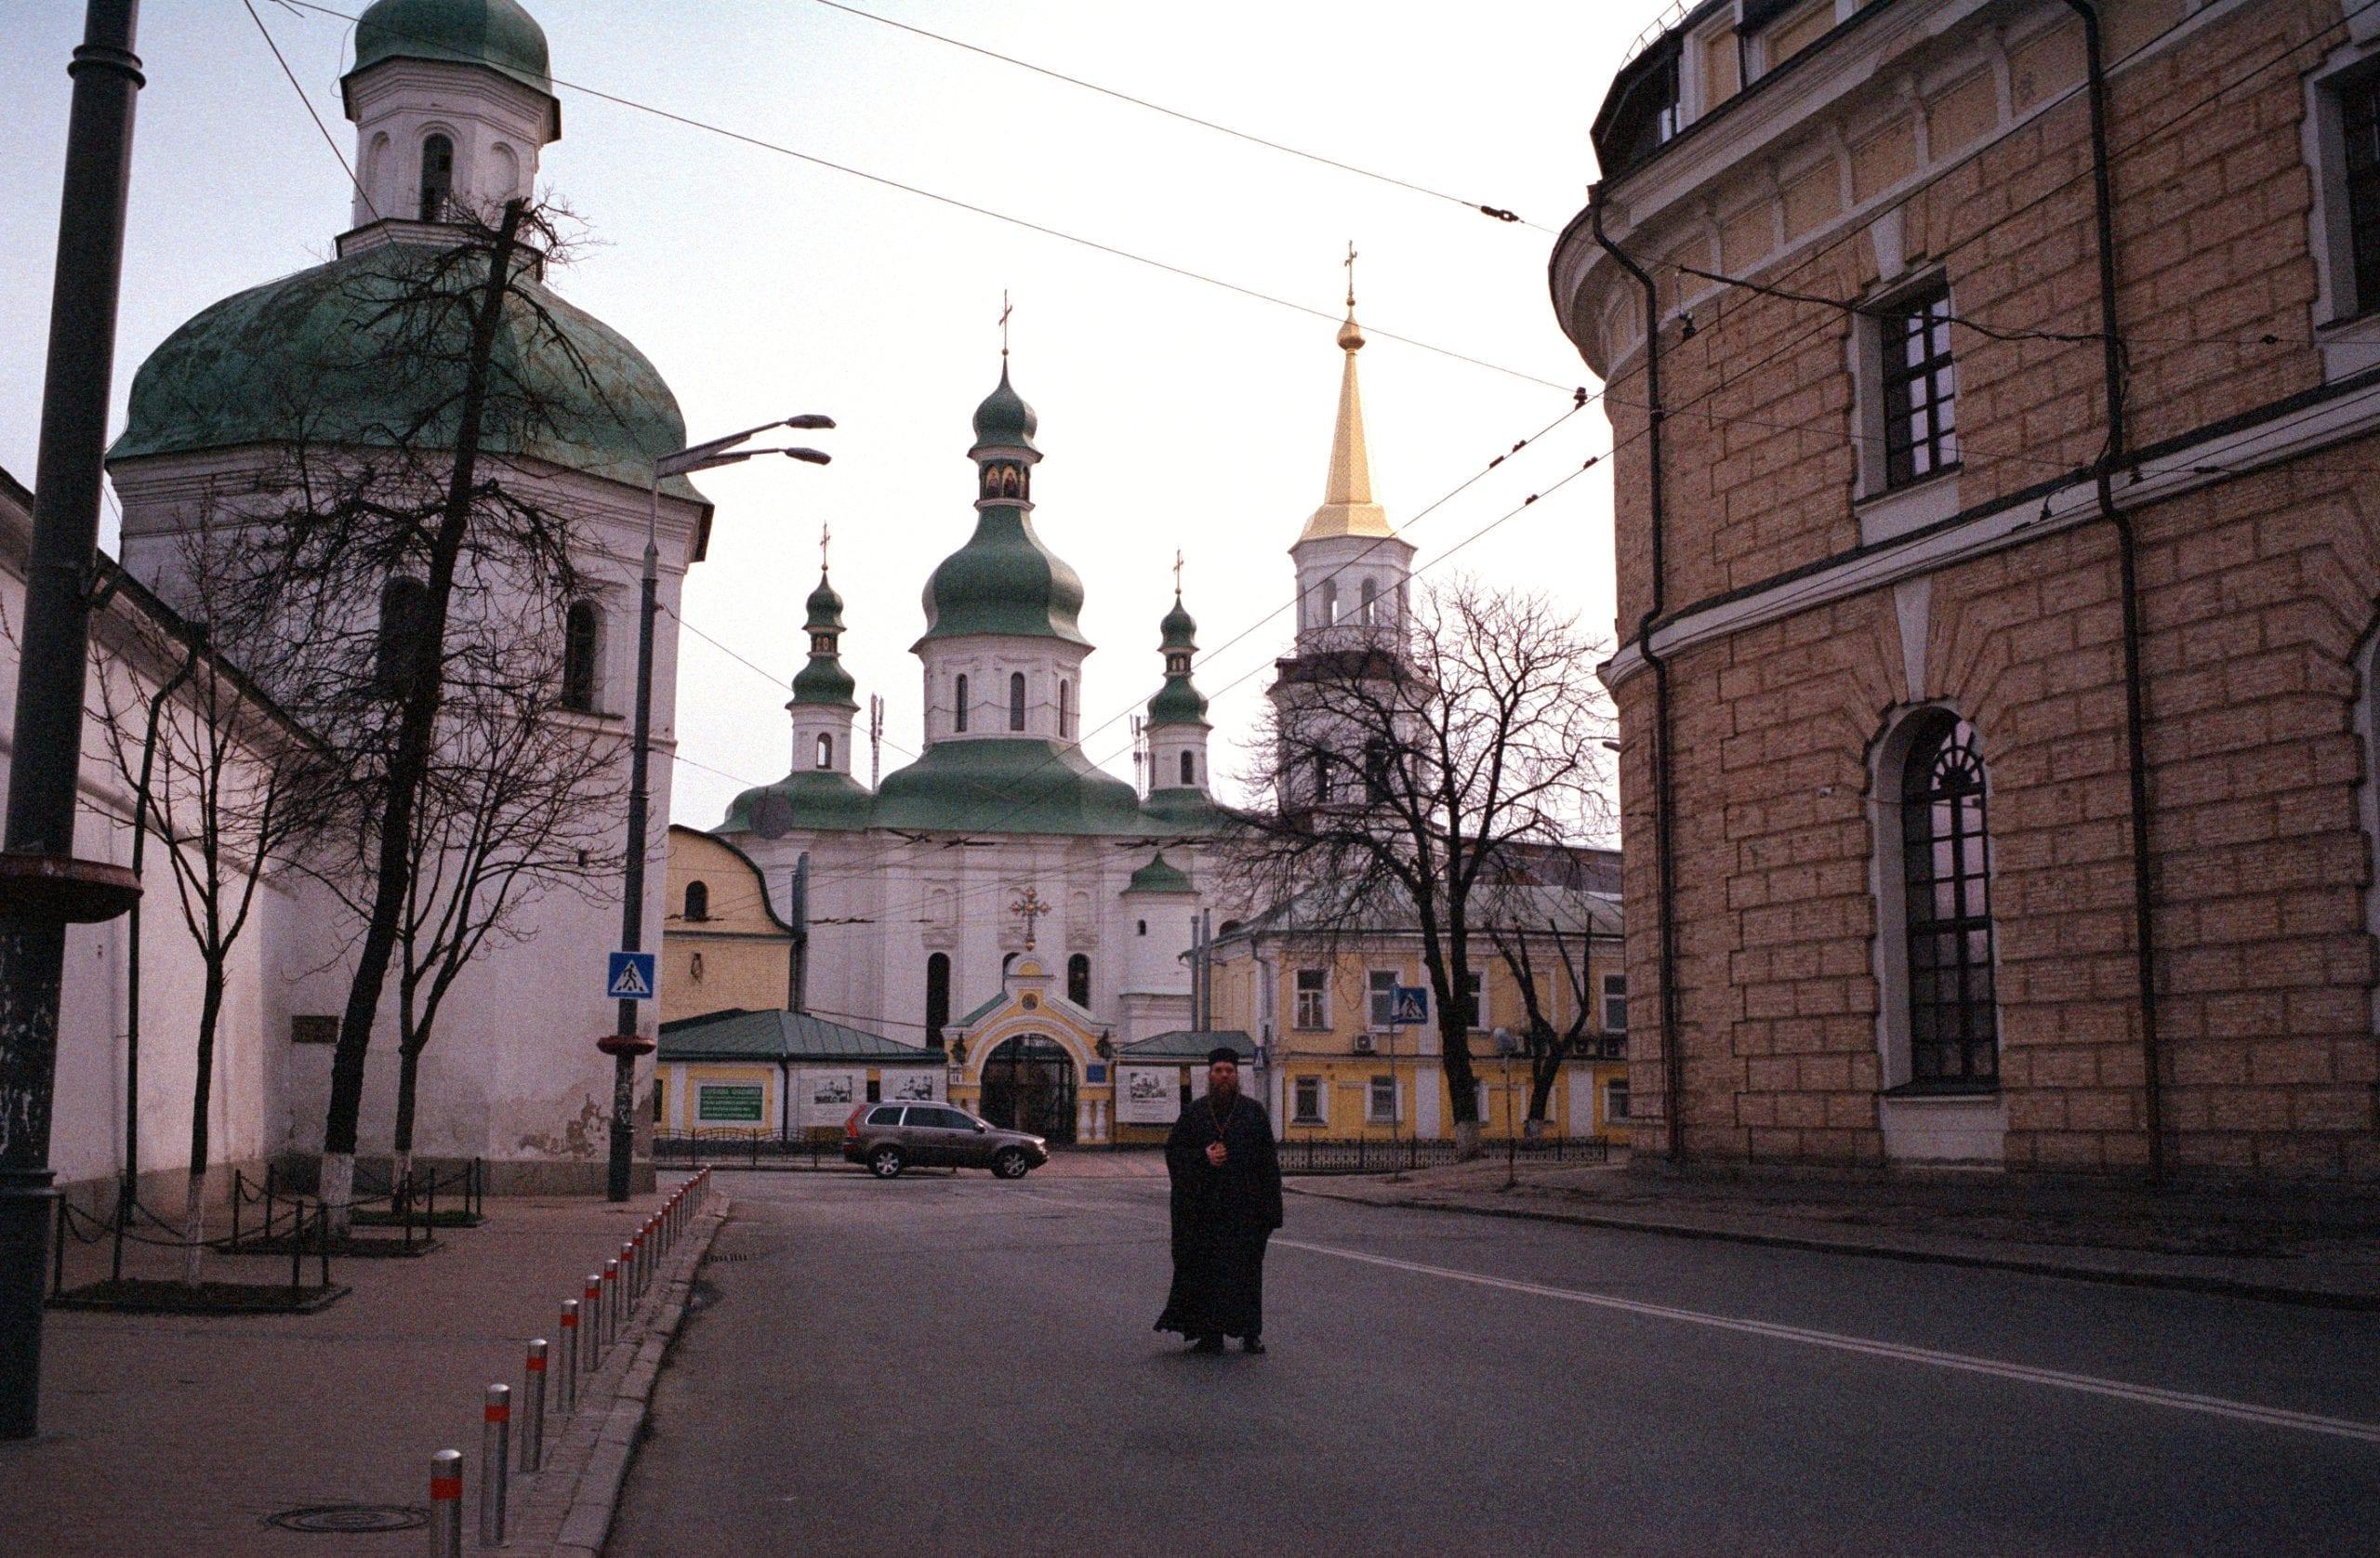 2020 04 07 0044 scaled - <b>Квир-священник.</b> История непризнанного киевского «епископа» – единственного в Украине священнослужителя, который открыто поддерживает геев - Заборона